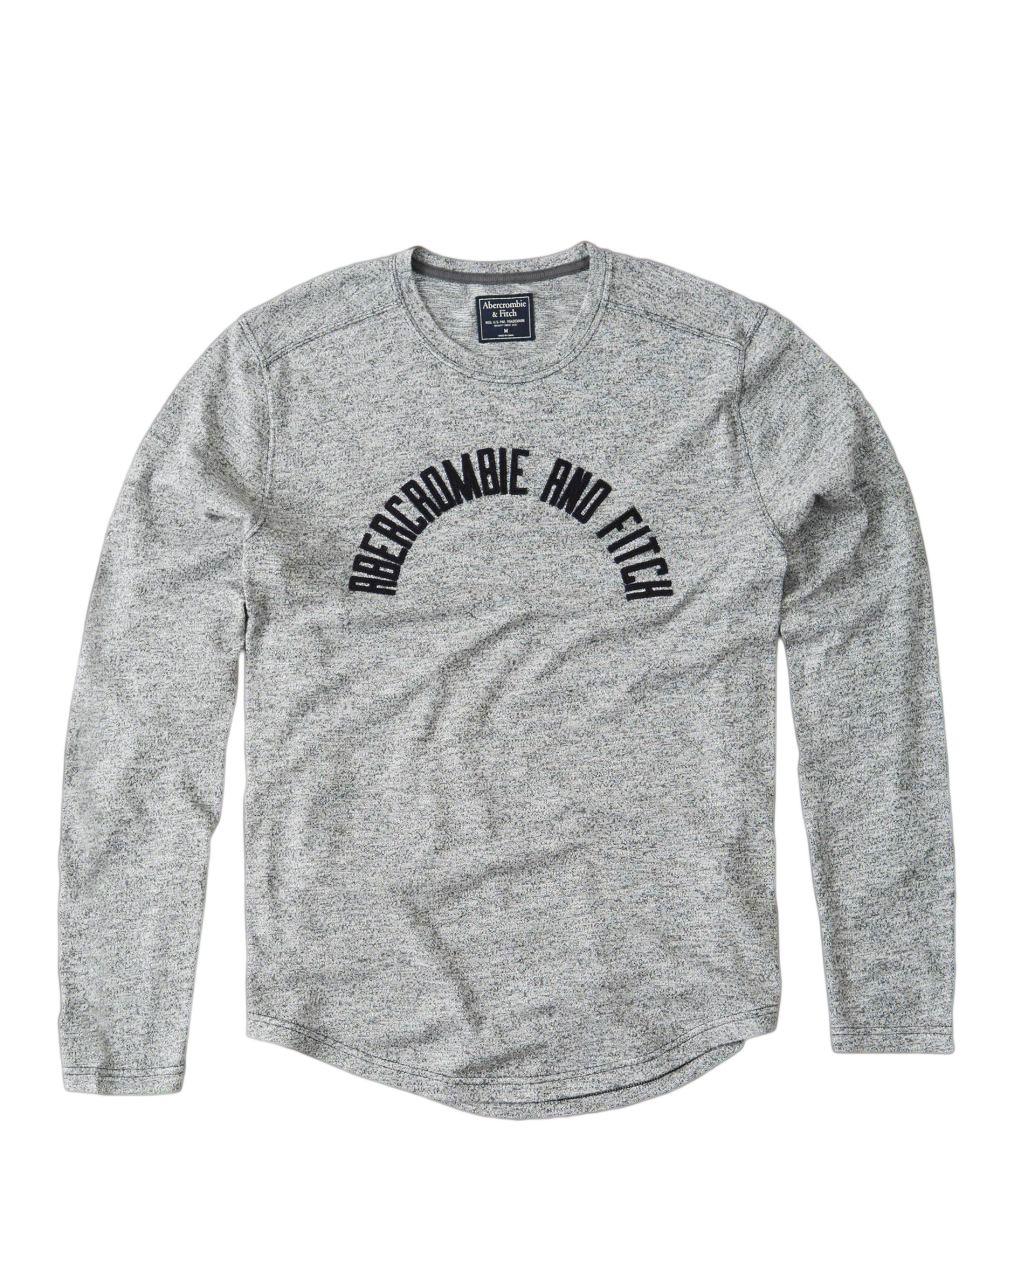 Abercrombie & Fitch, oryginalna koszulka, M